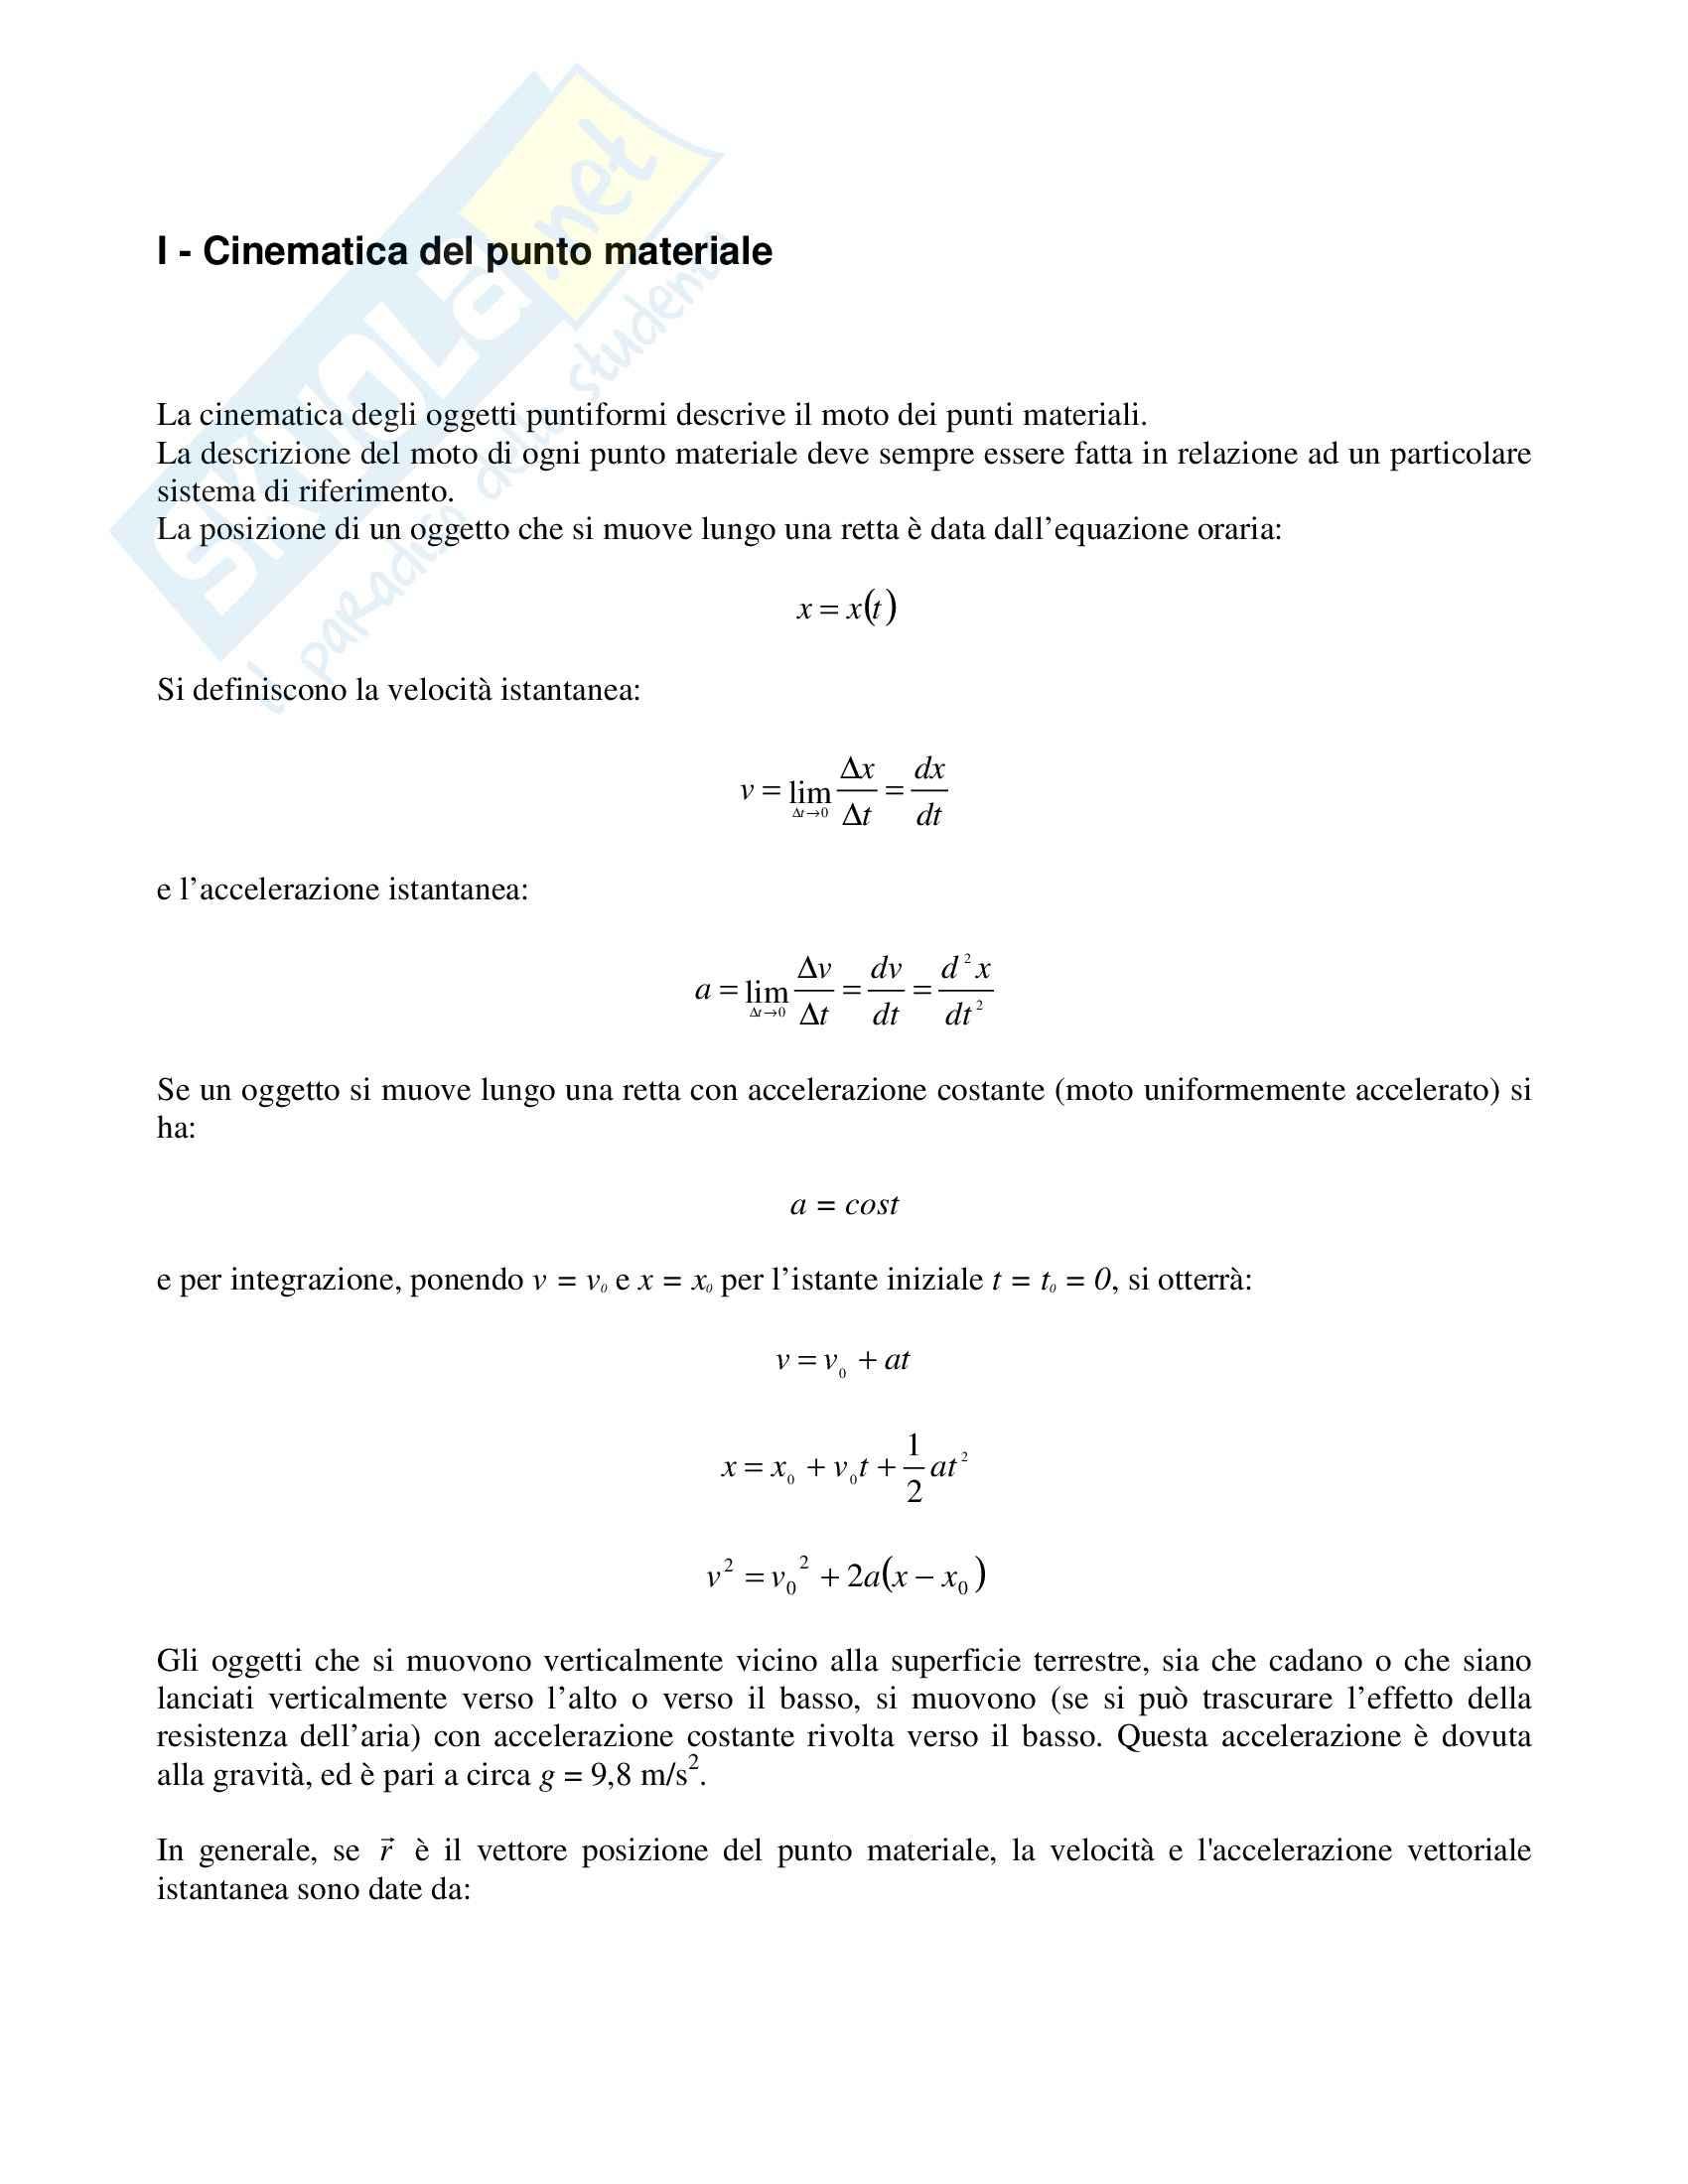 Risoluzione problemi di fisica Pag. 2